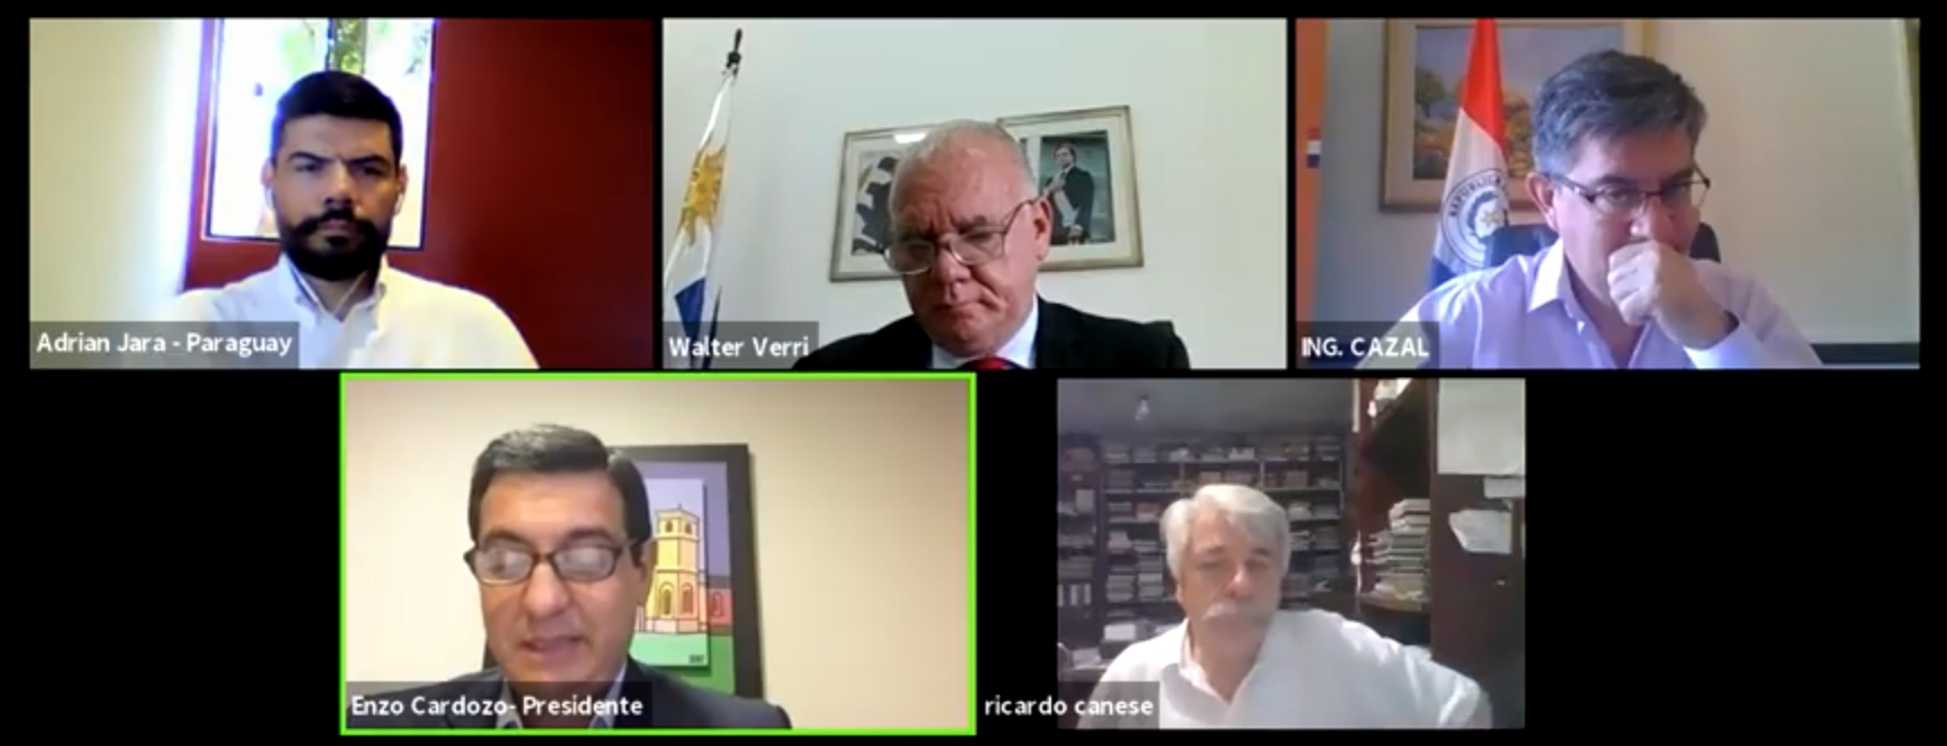 PARLASUR realiza el tercer ciclo de debates del Seminario de Integración Eléctrica en el MERCOSUR